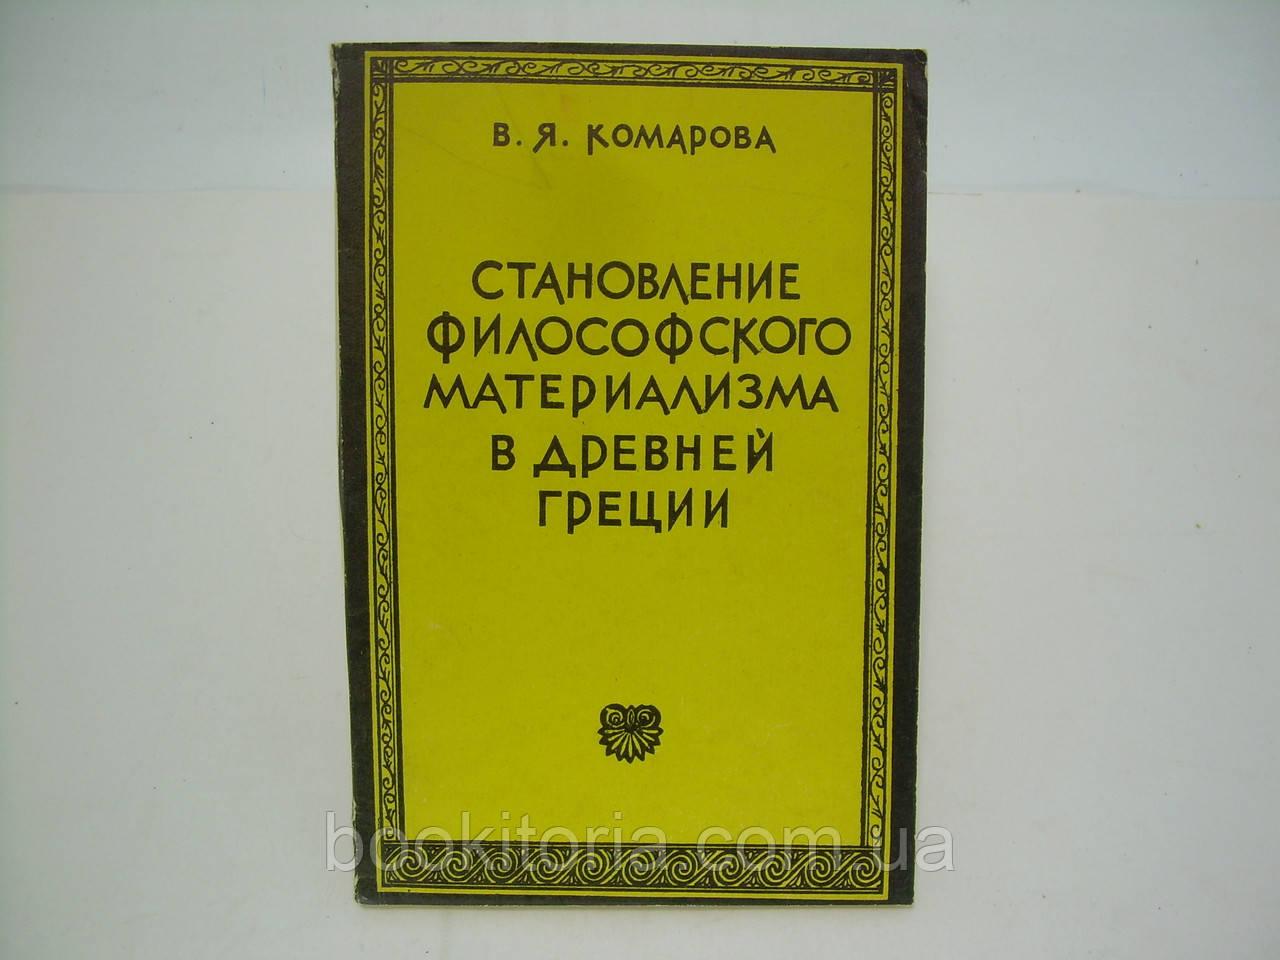 Комарова В.Я. Становление философского материализма в Древней Греции (б/у).